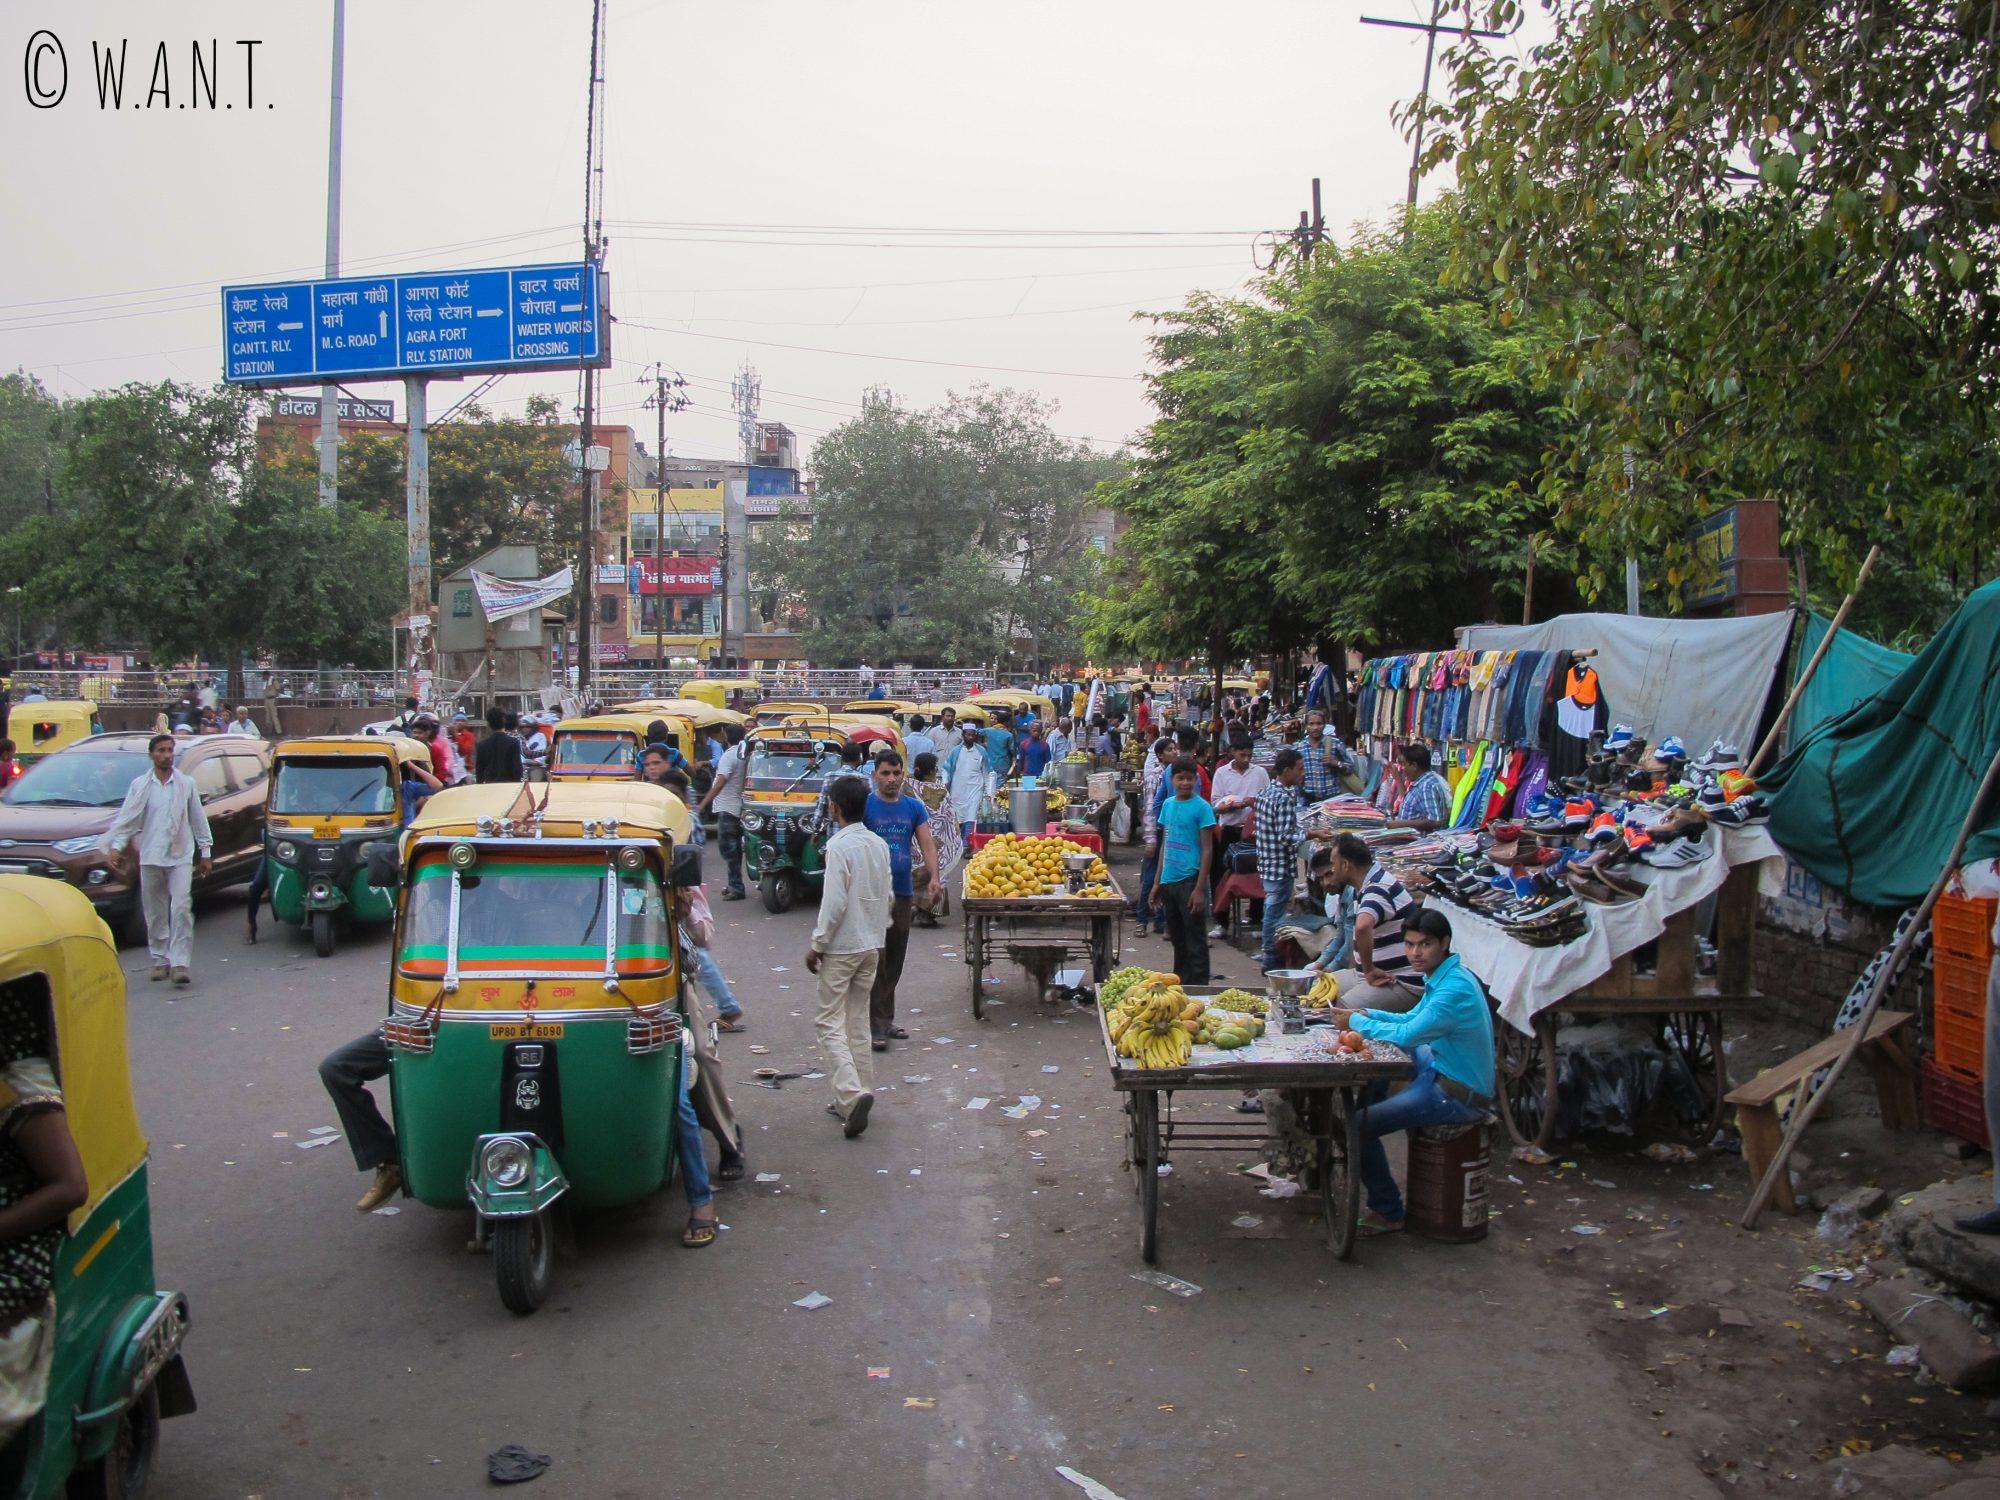 Rue bondée d'Agra aux abords de son fort